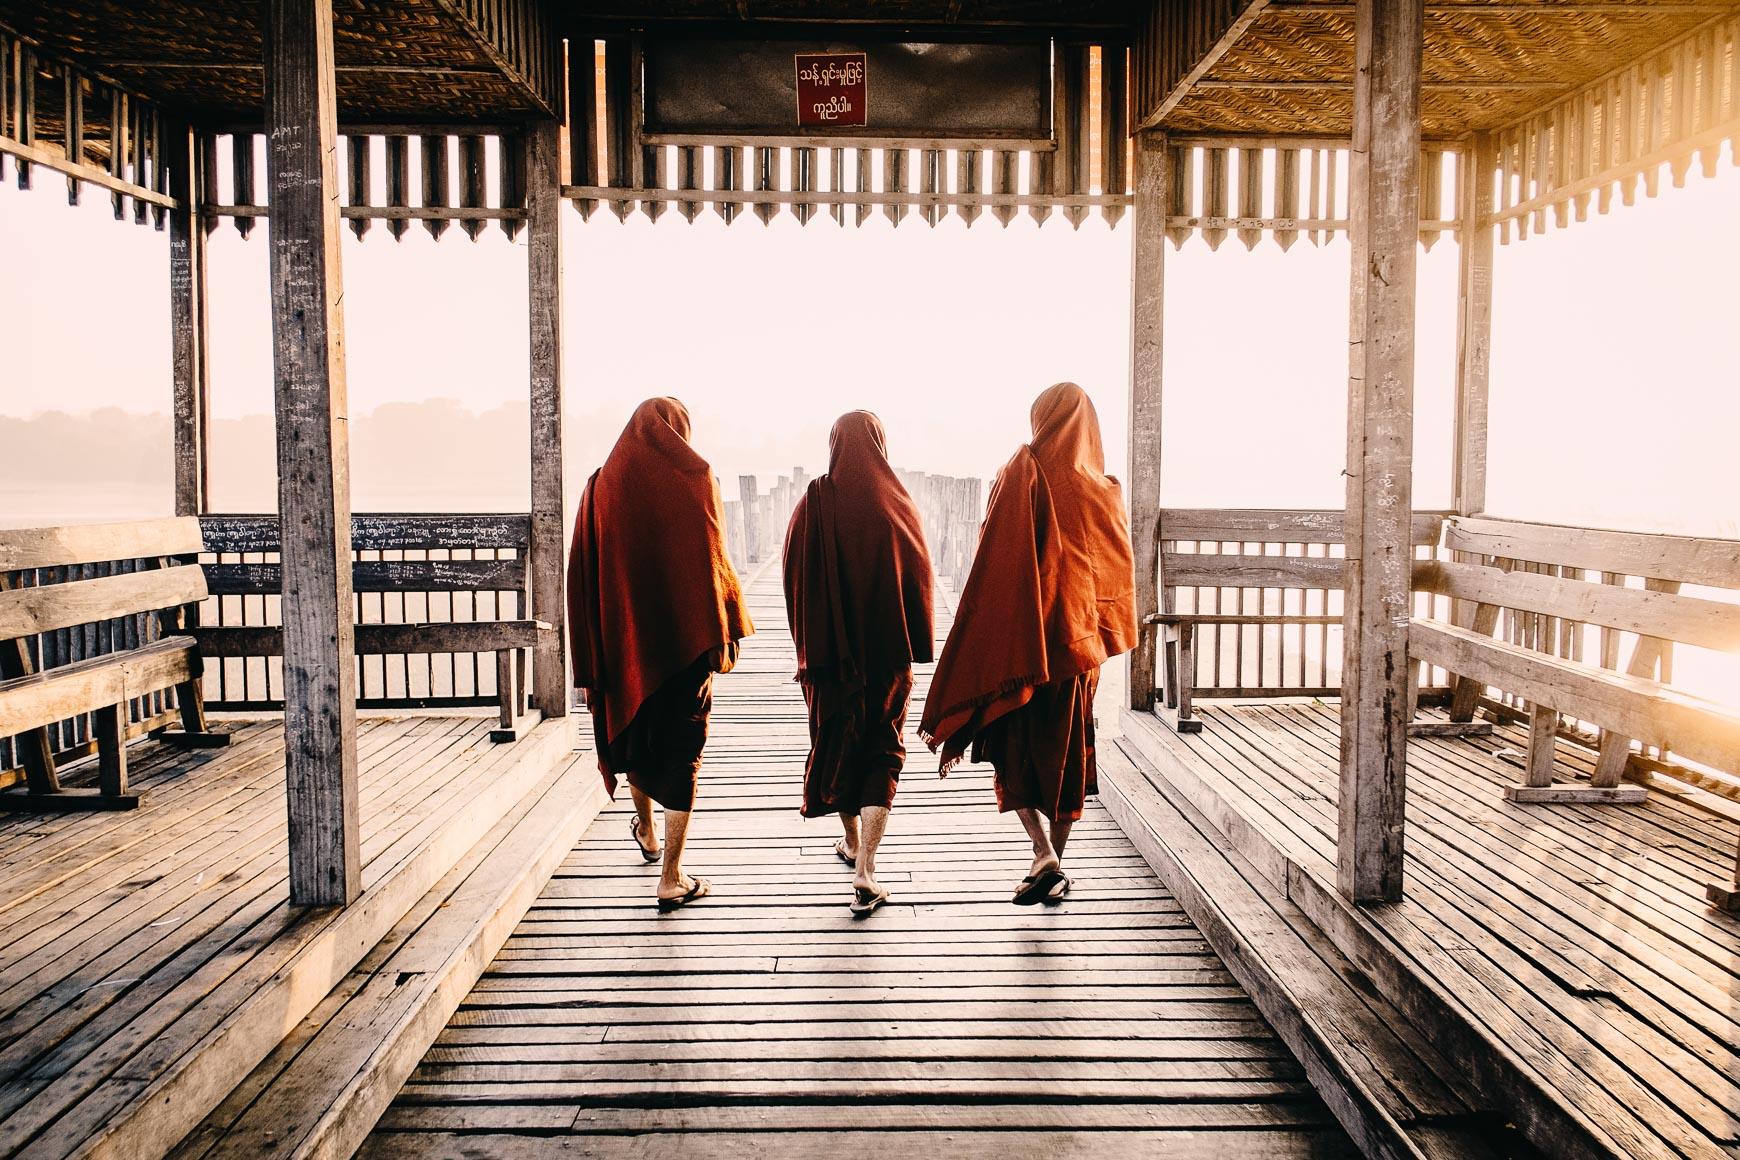 3_Monks_Mandelay-Edit-Edit.jpg